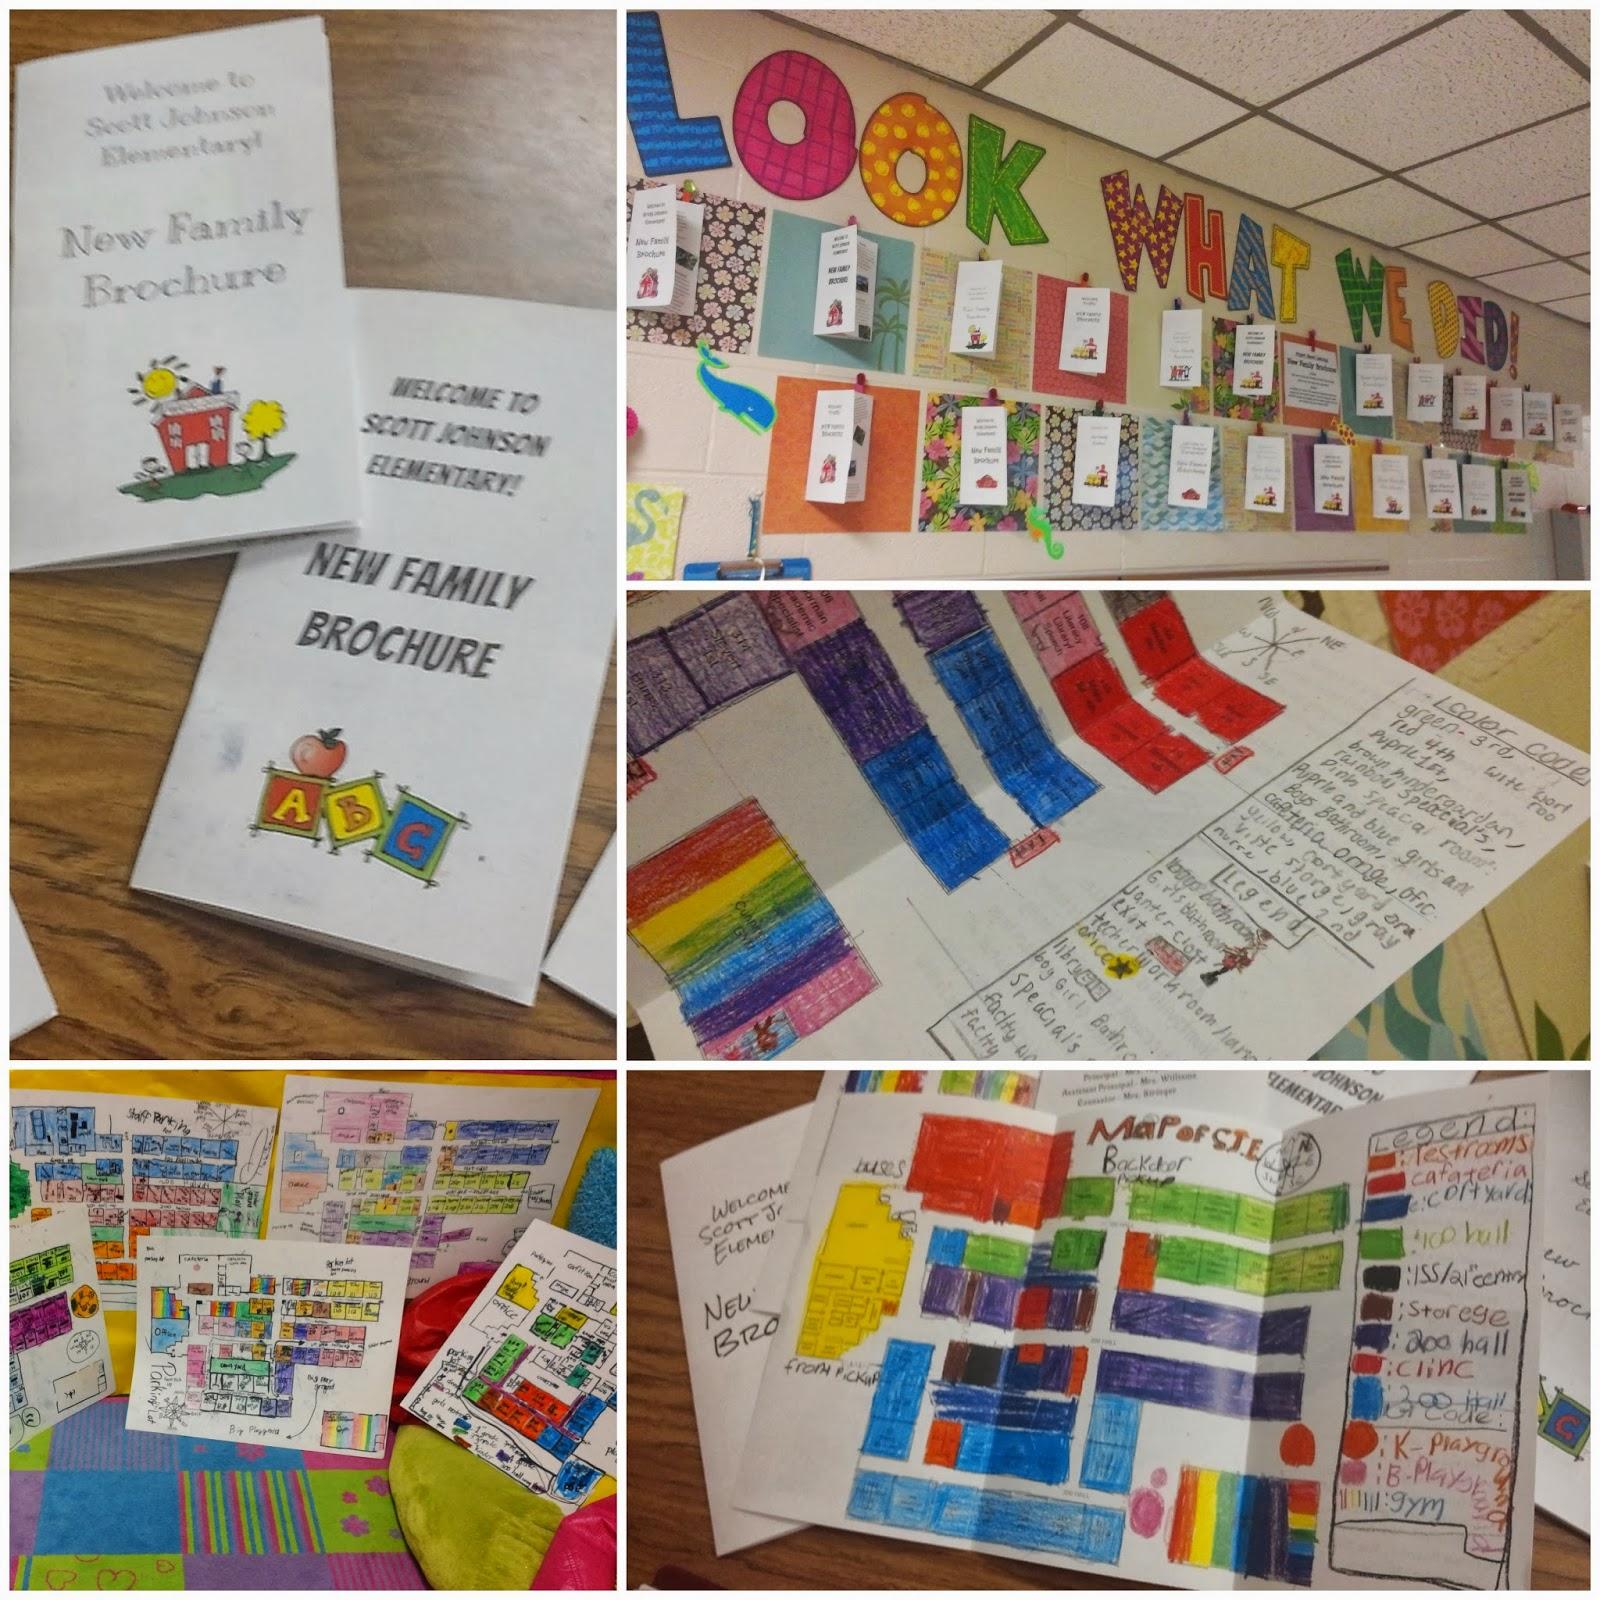 Classroom Experiment Ideas ~ Teel s treats pbl quot new to school brochure